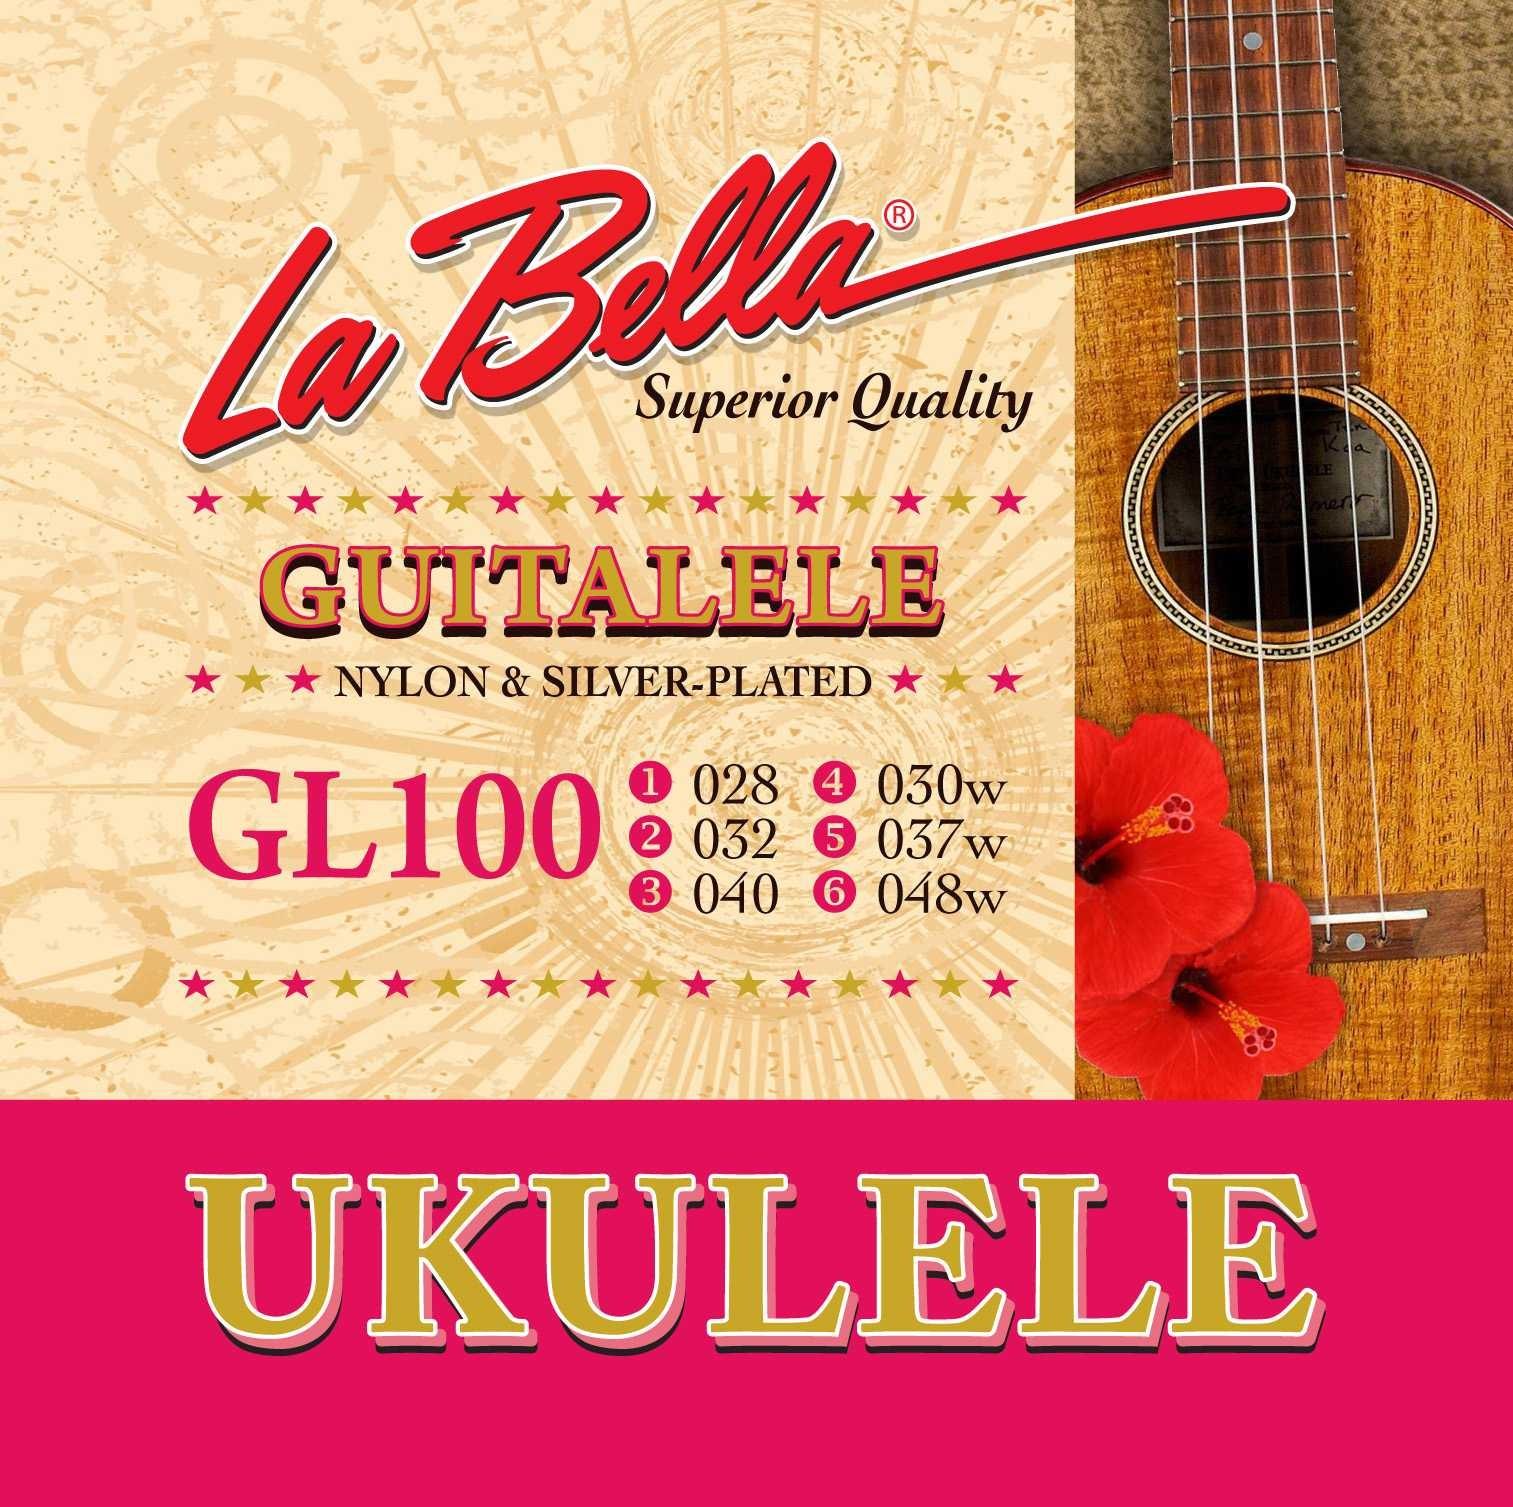 La Bella GL100 Guitalele Nylon & Silver-Plated Strings